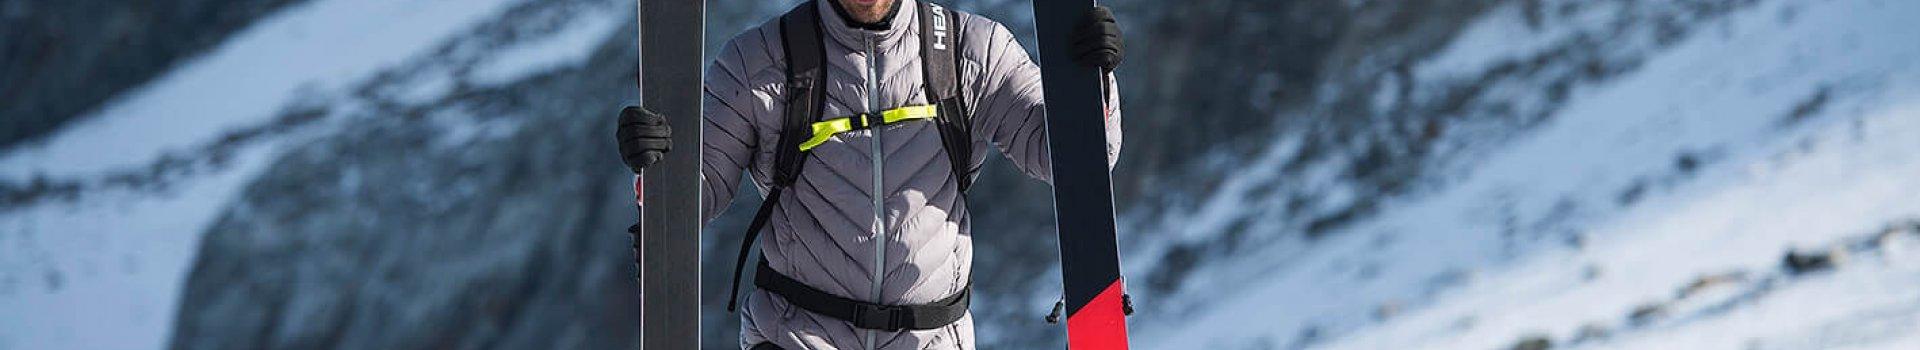 Wyprzedaż sprzętu narciarskiego – uzupełnij braki w swoim wyposażeniu